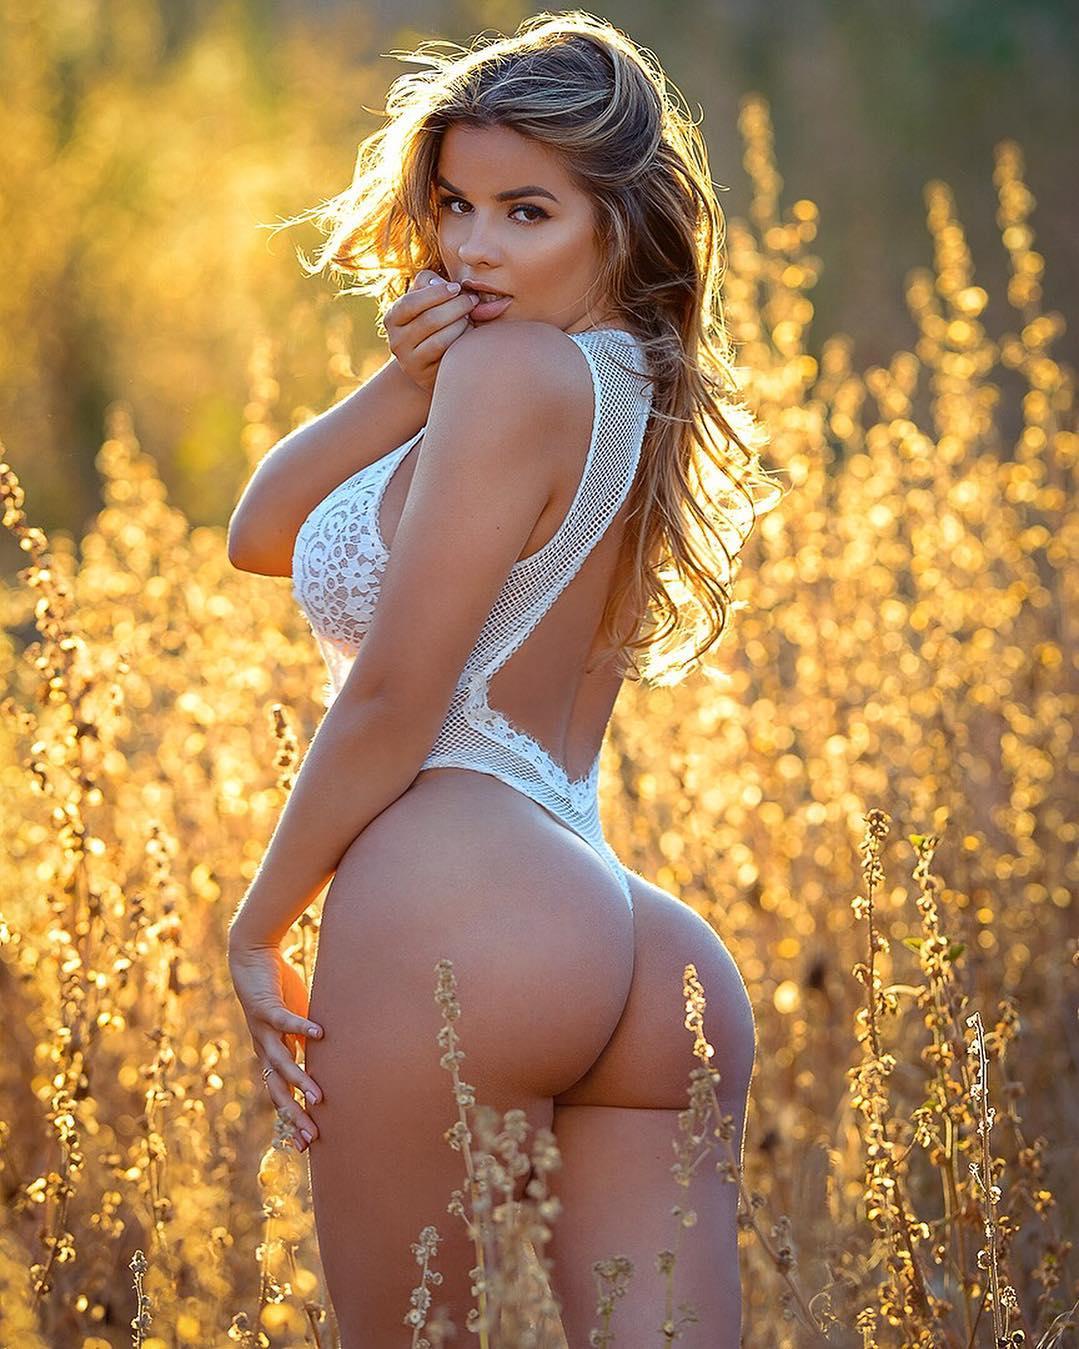 Анастасия Квитко фото в поле